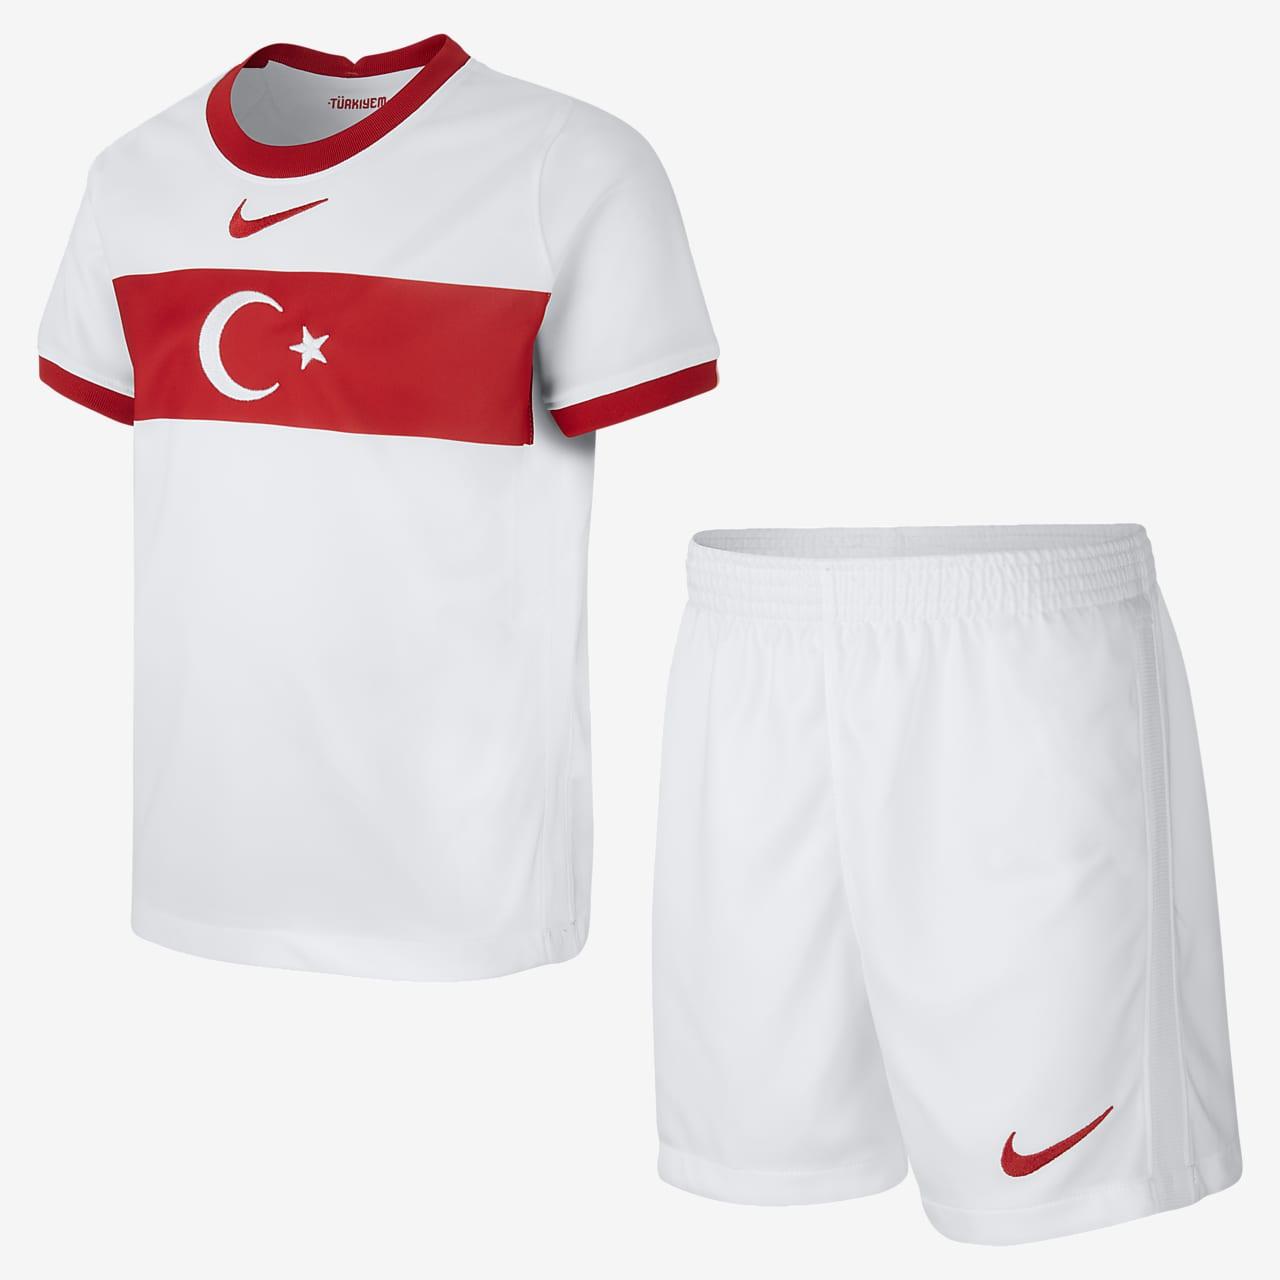 Tyrkia 2020 (hjemmedrakt) fotballdraktsett til små barn